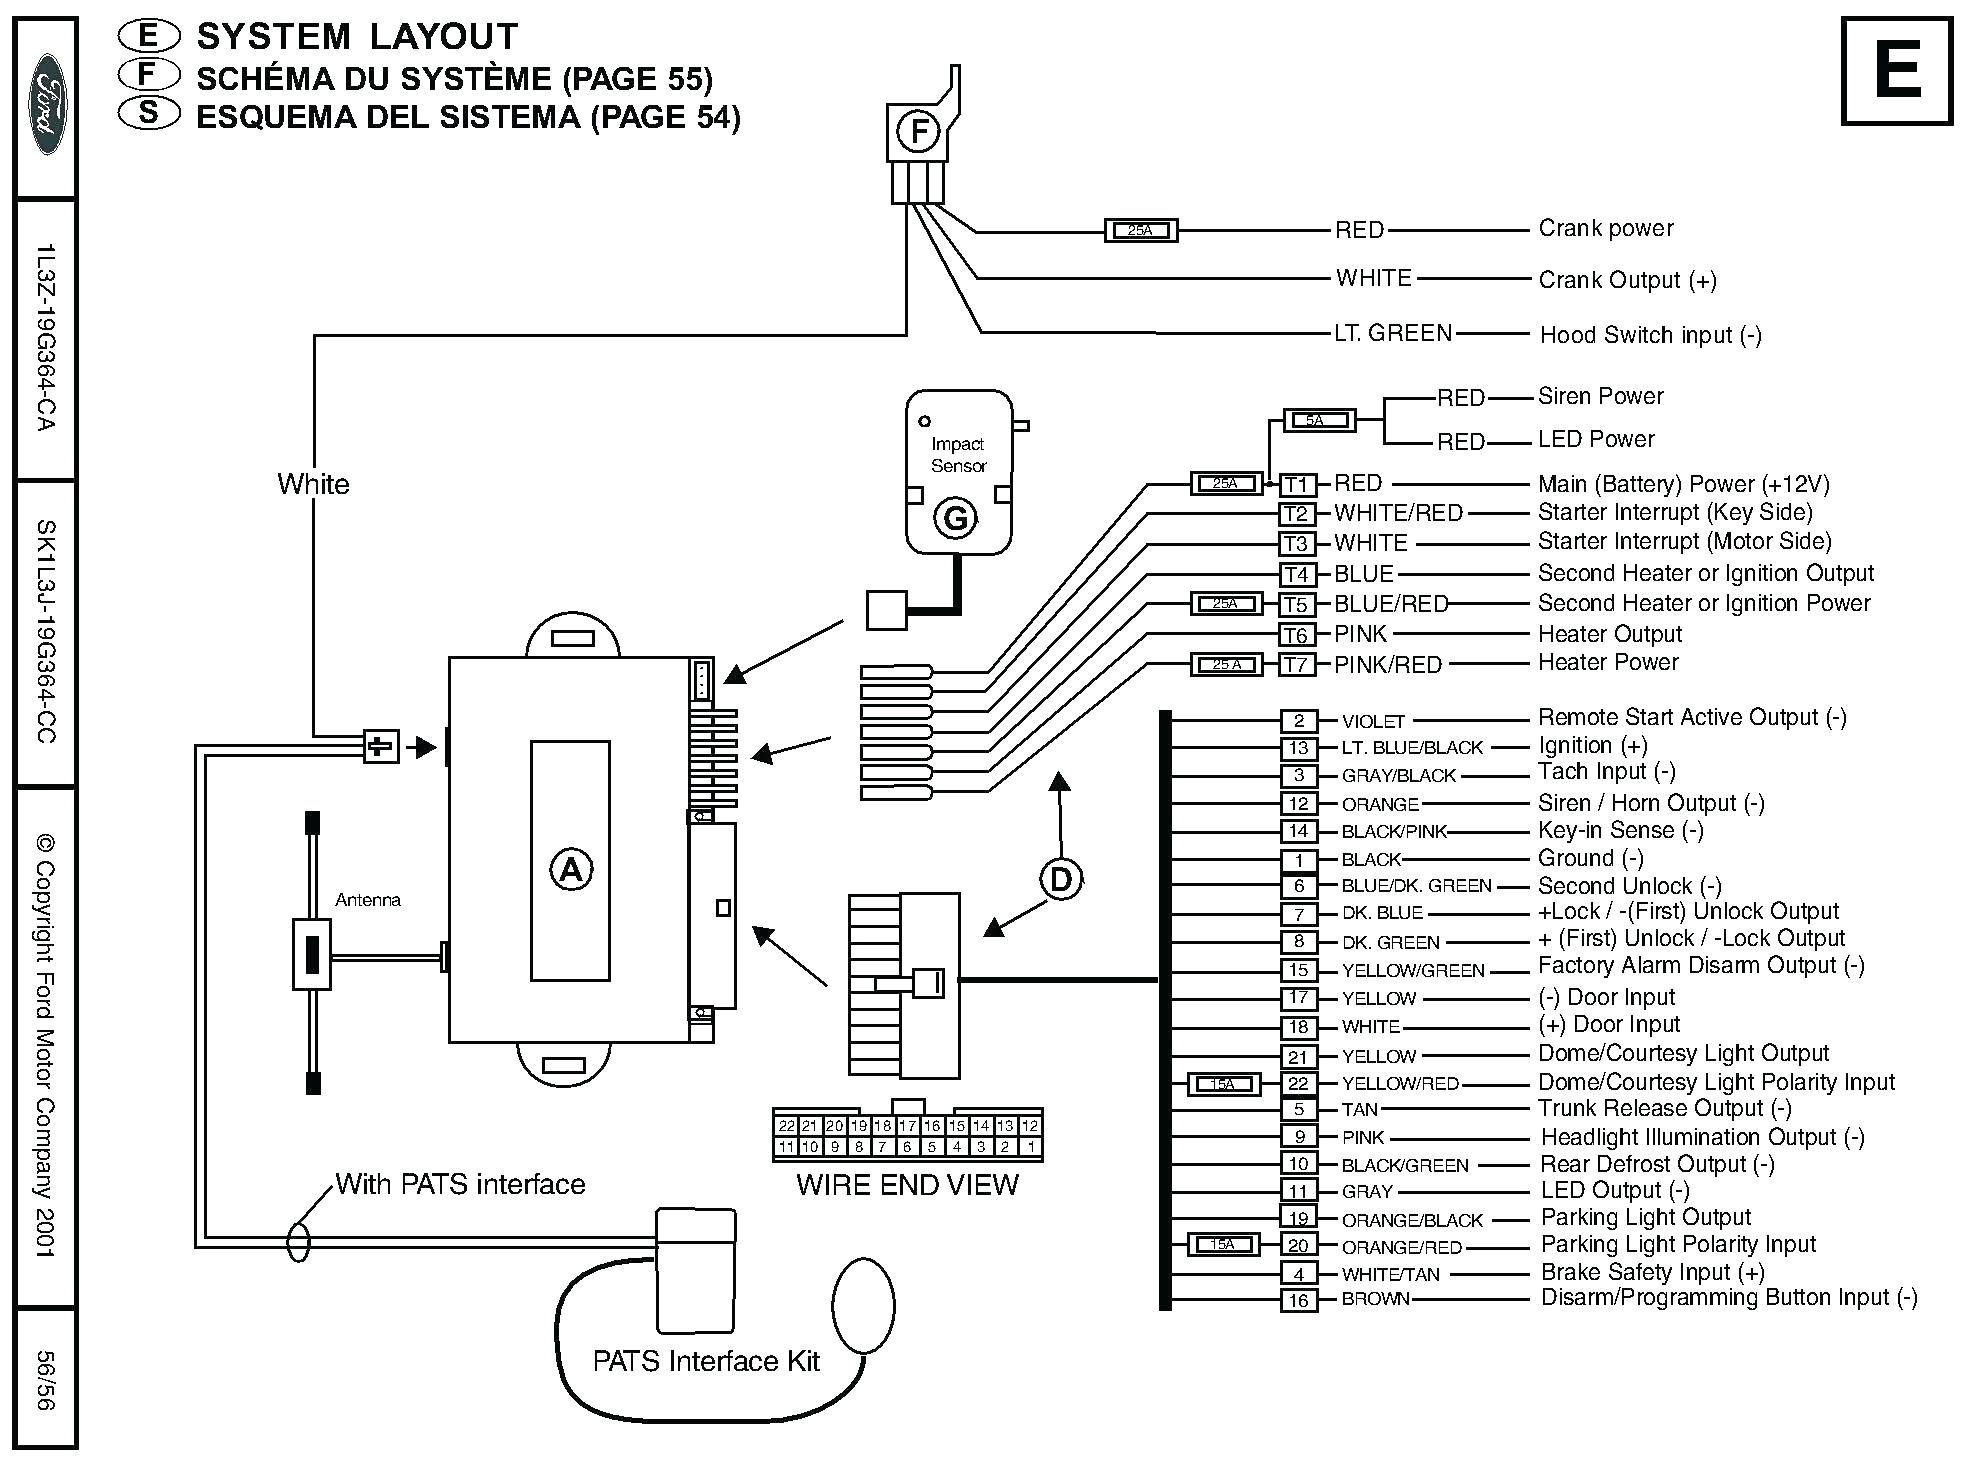 bulldog security remote starter wiring diagram 1999 chevy silverado bulldog security rs83b remote start wiring diagram